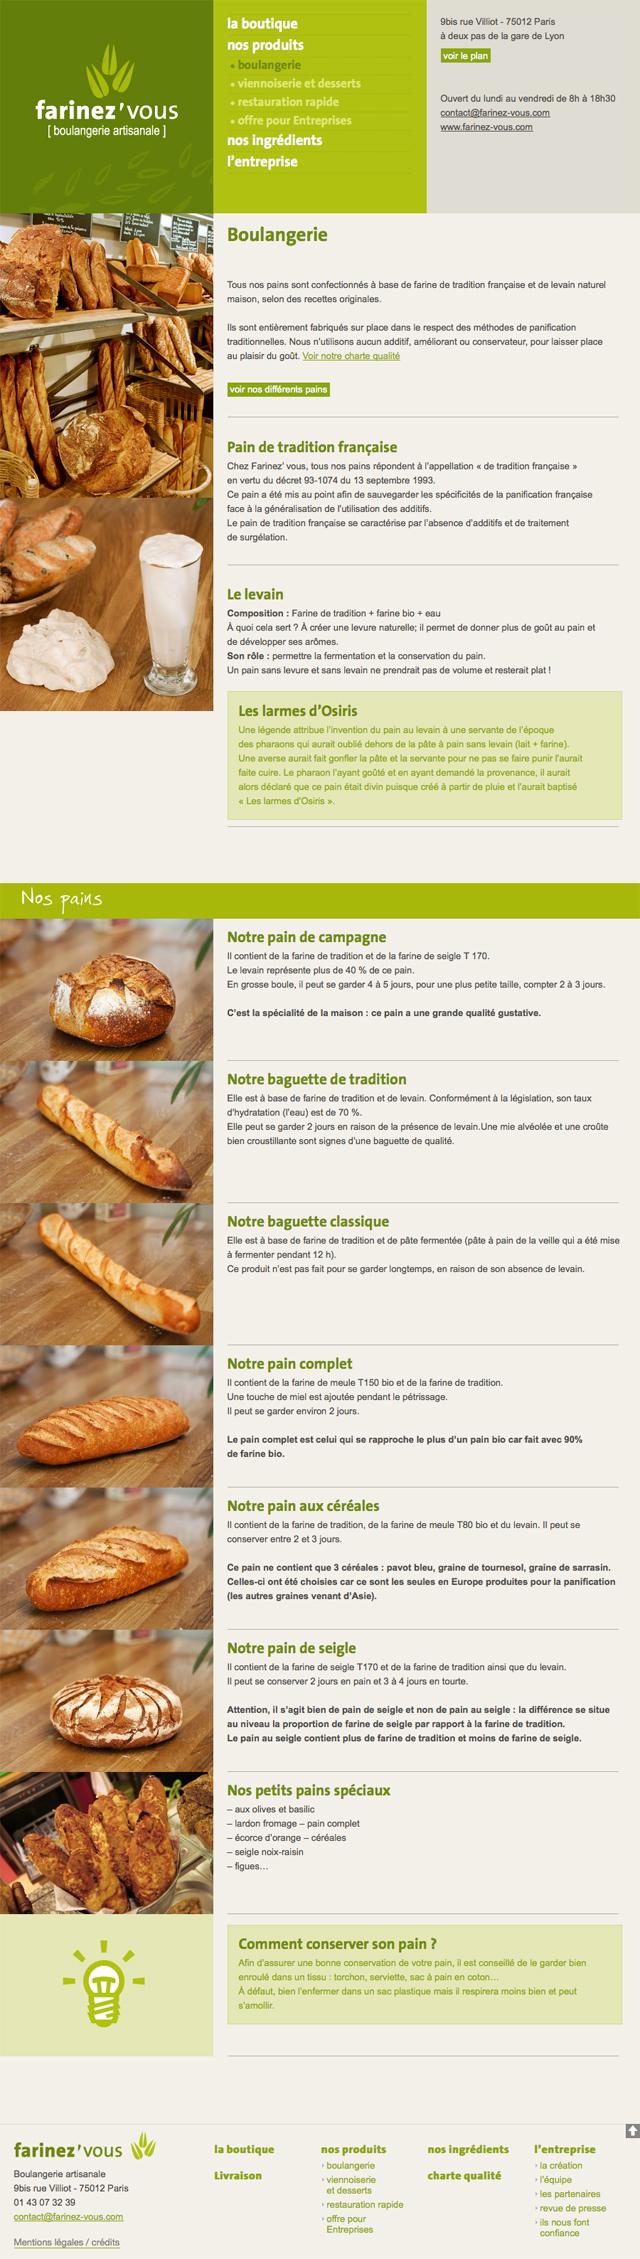 boulangerie_farinez_vous__1305819864203